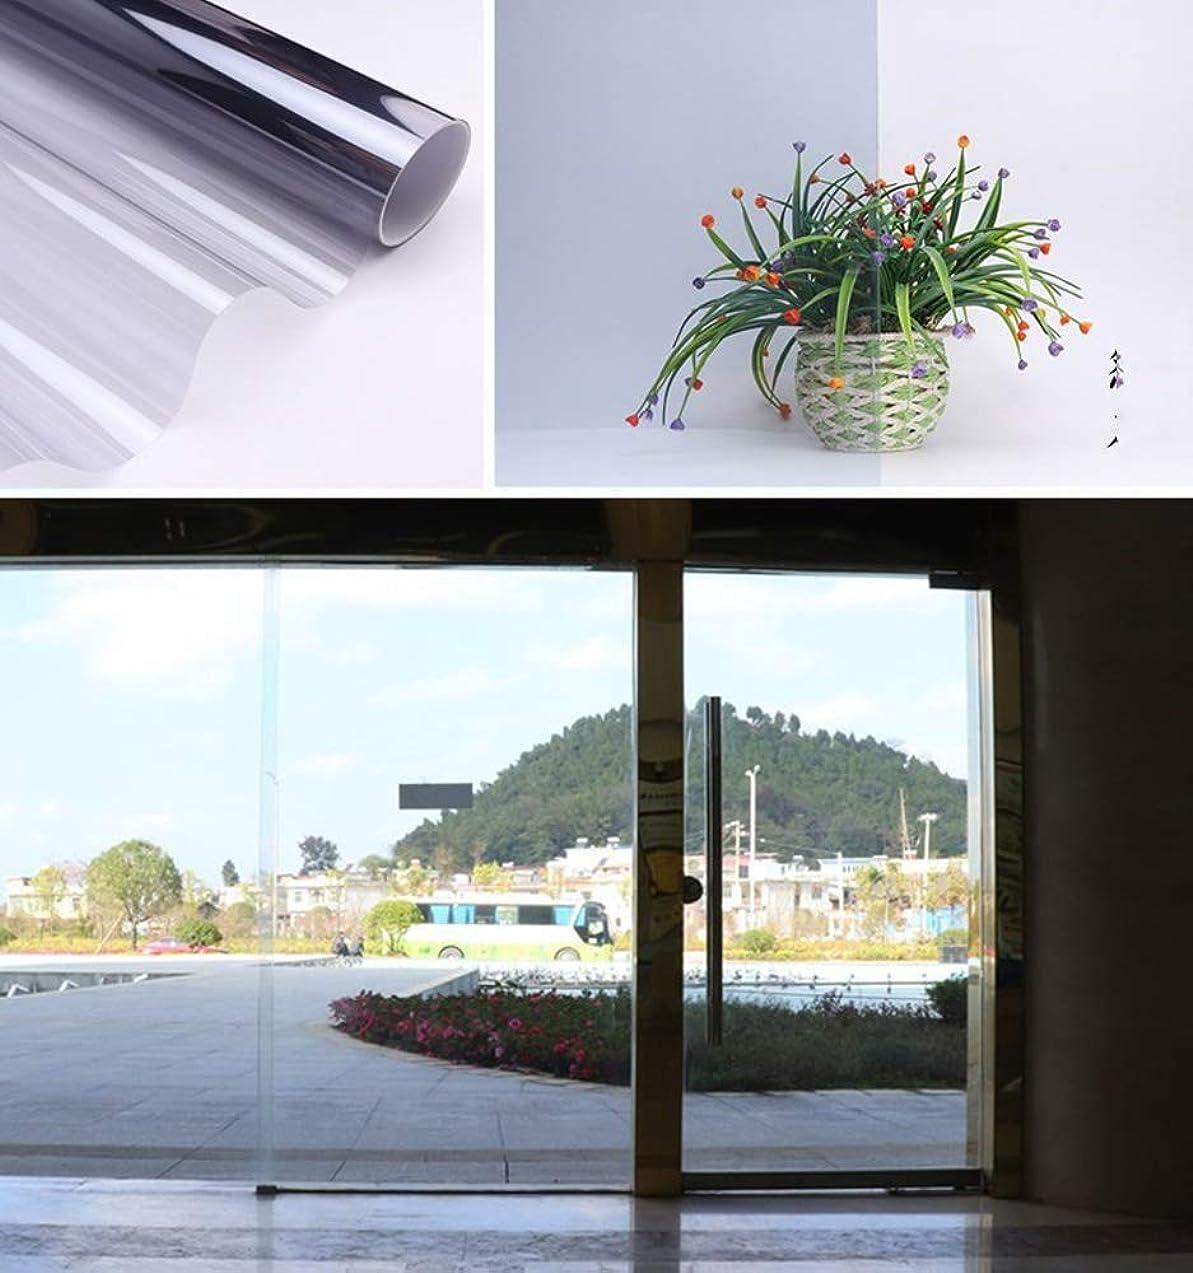 見習いここに留まるYiwanda 窓断熱シート めかしくシート 窓ガラスフィルム 断熱フィルム UVカットシート 遮光 遮熱 ガラスフィルム 建築建物ガラスフィルム 飛散防止 (70*300CM,16)